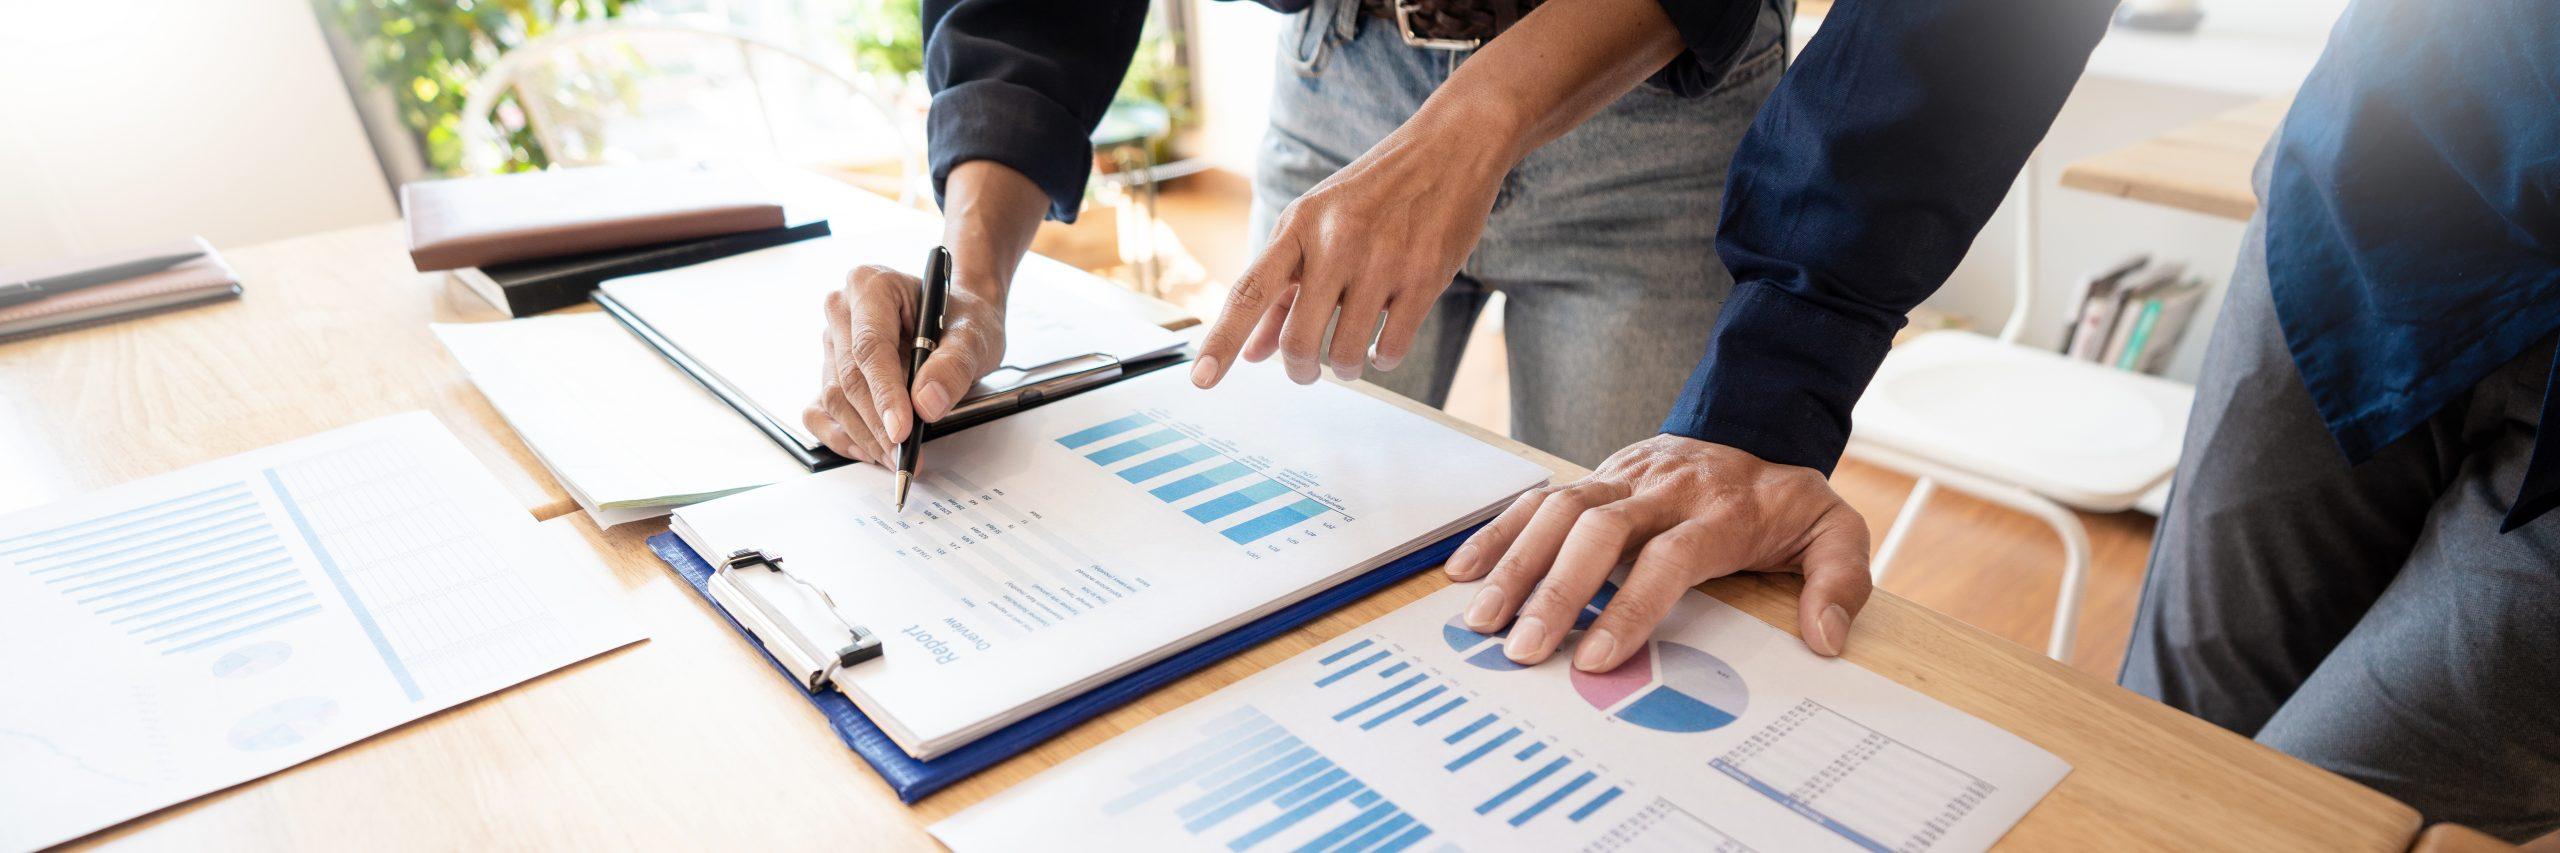 Adopting a Customer Success Mindset